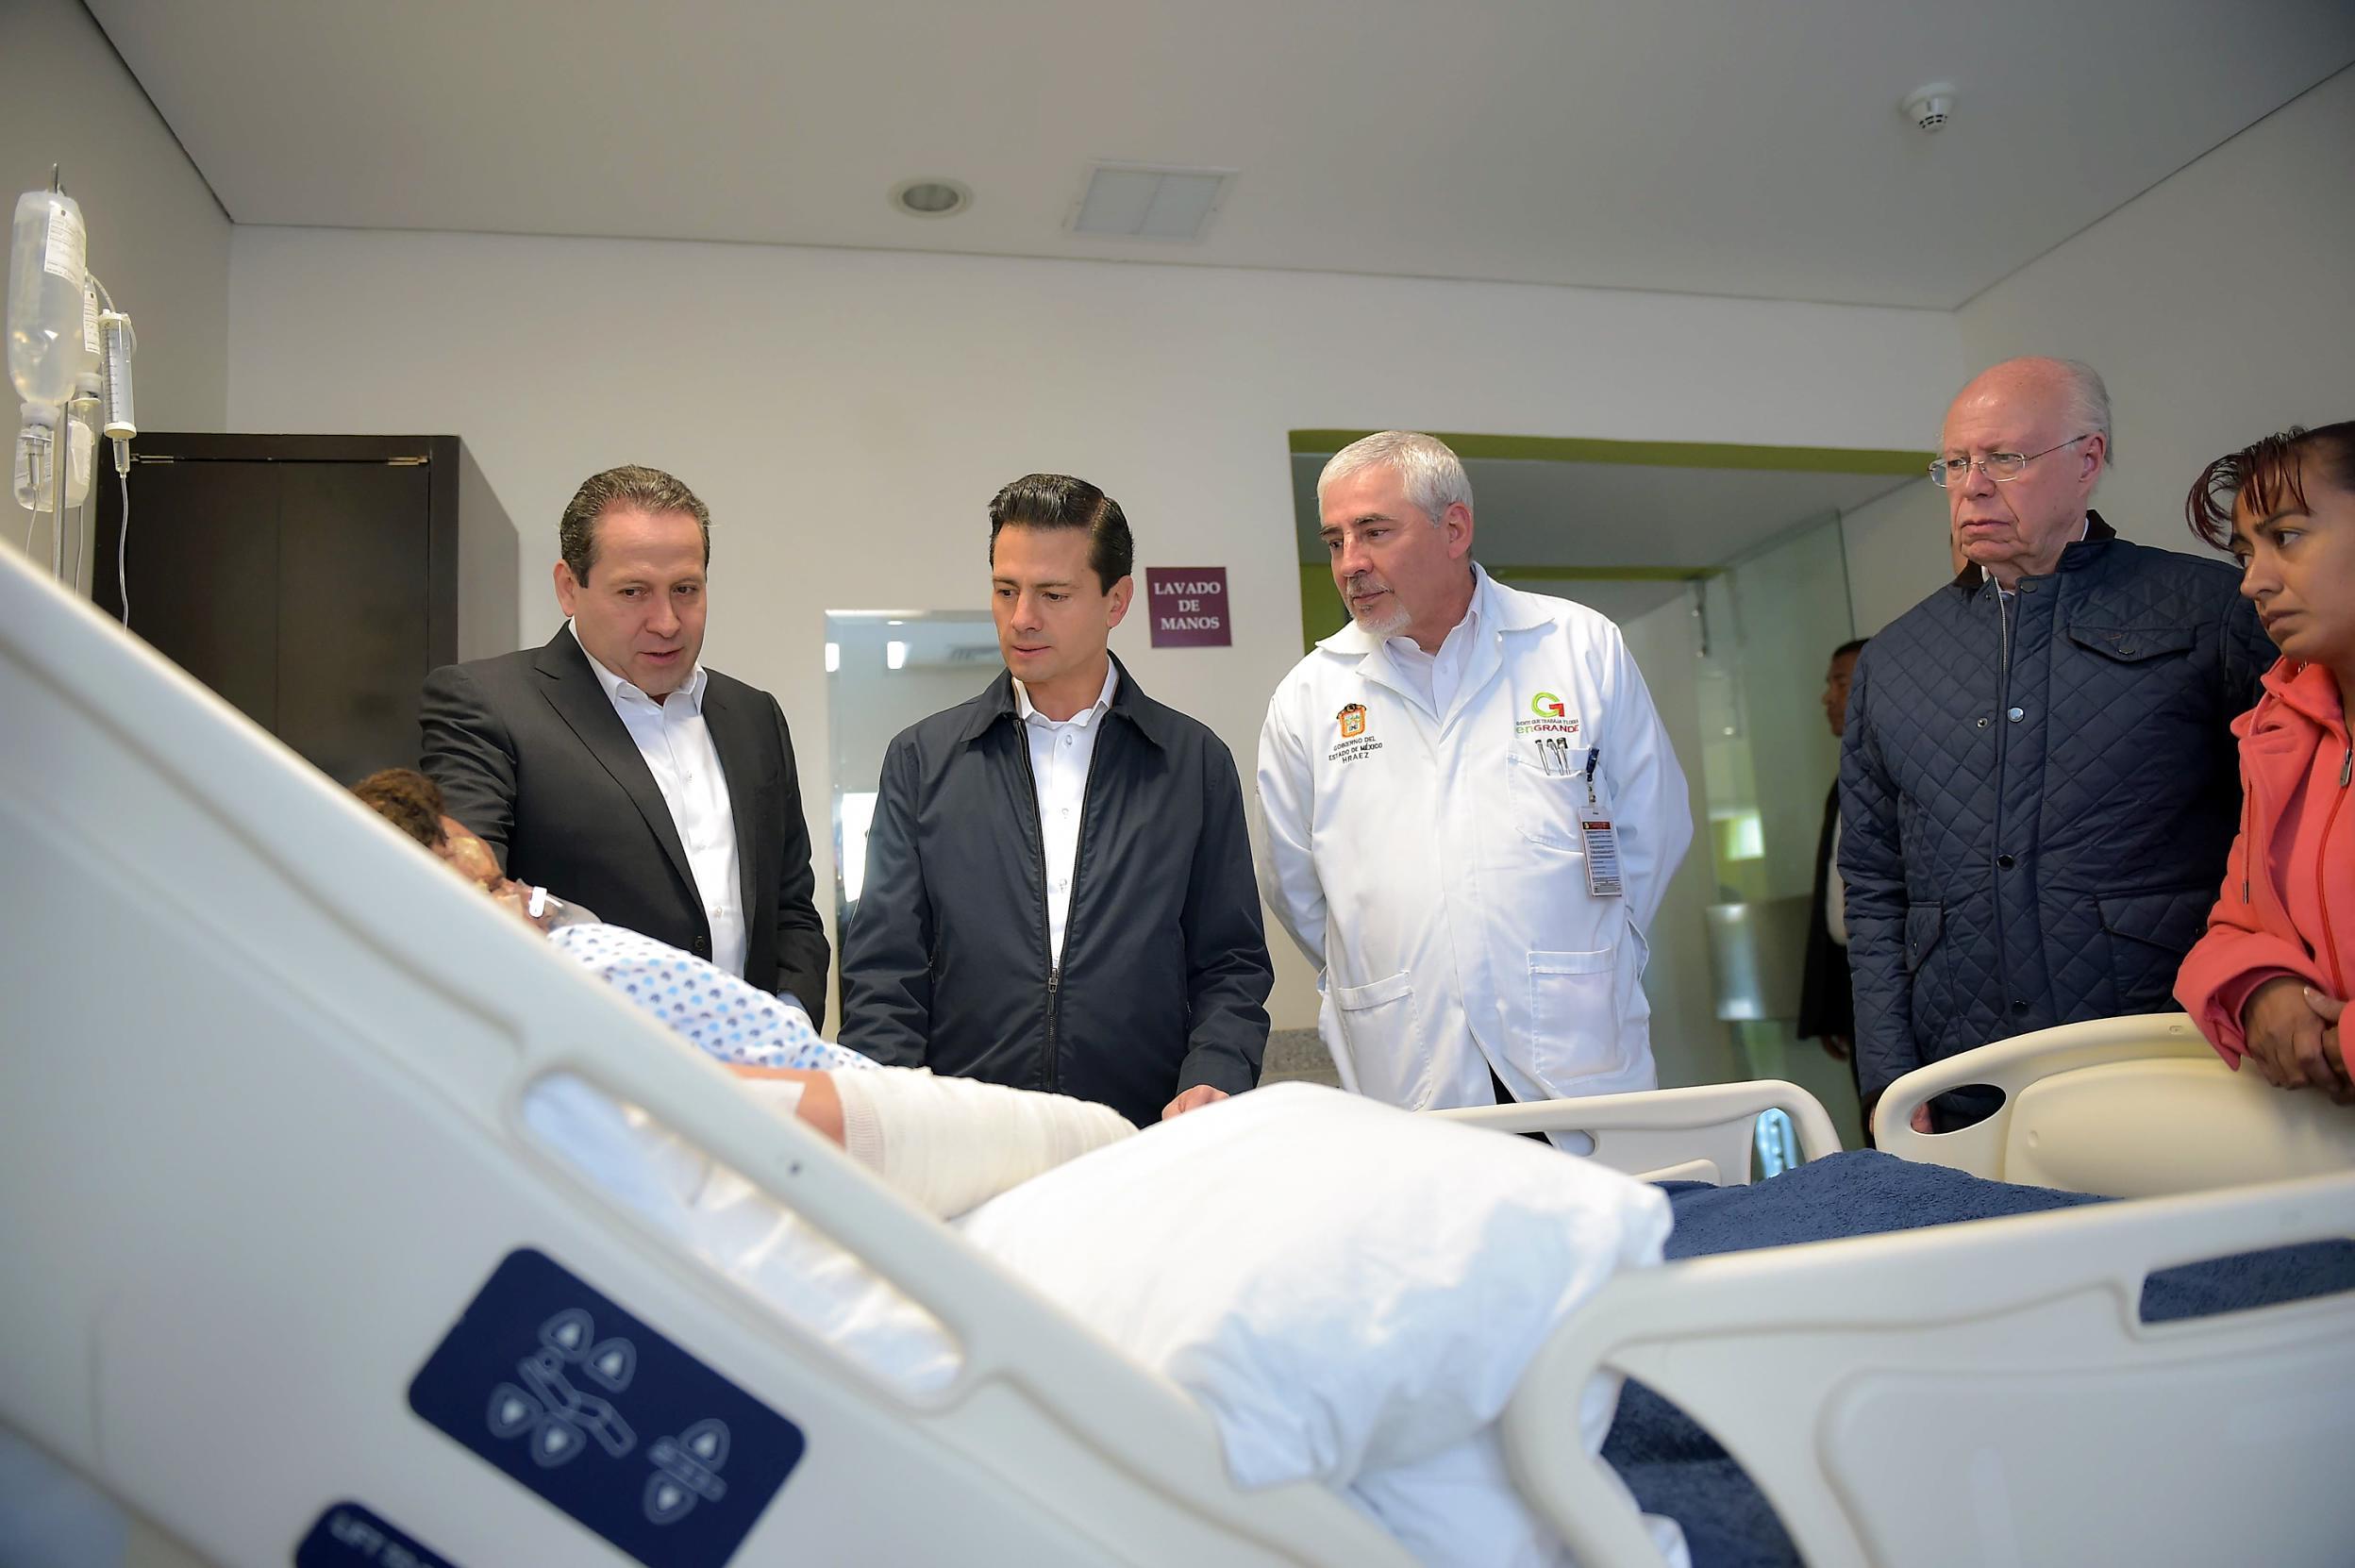 El Presidente Enrique Peña Nieto visitó el Hospital Regional de Alta Especialidad de Zumpango donde platicó con los pacientes ahí internados con motivo de los lamentables hechos ocurridos en el mercado San Pablito de Tultepec.